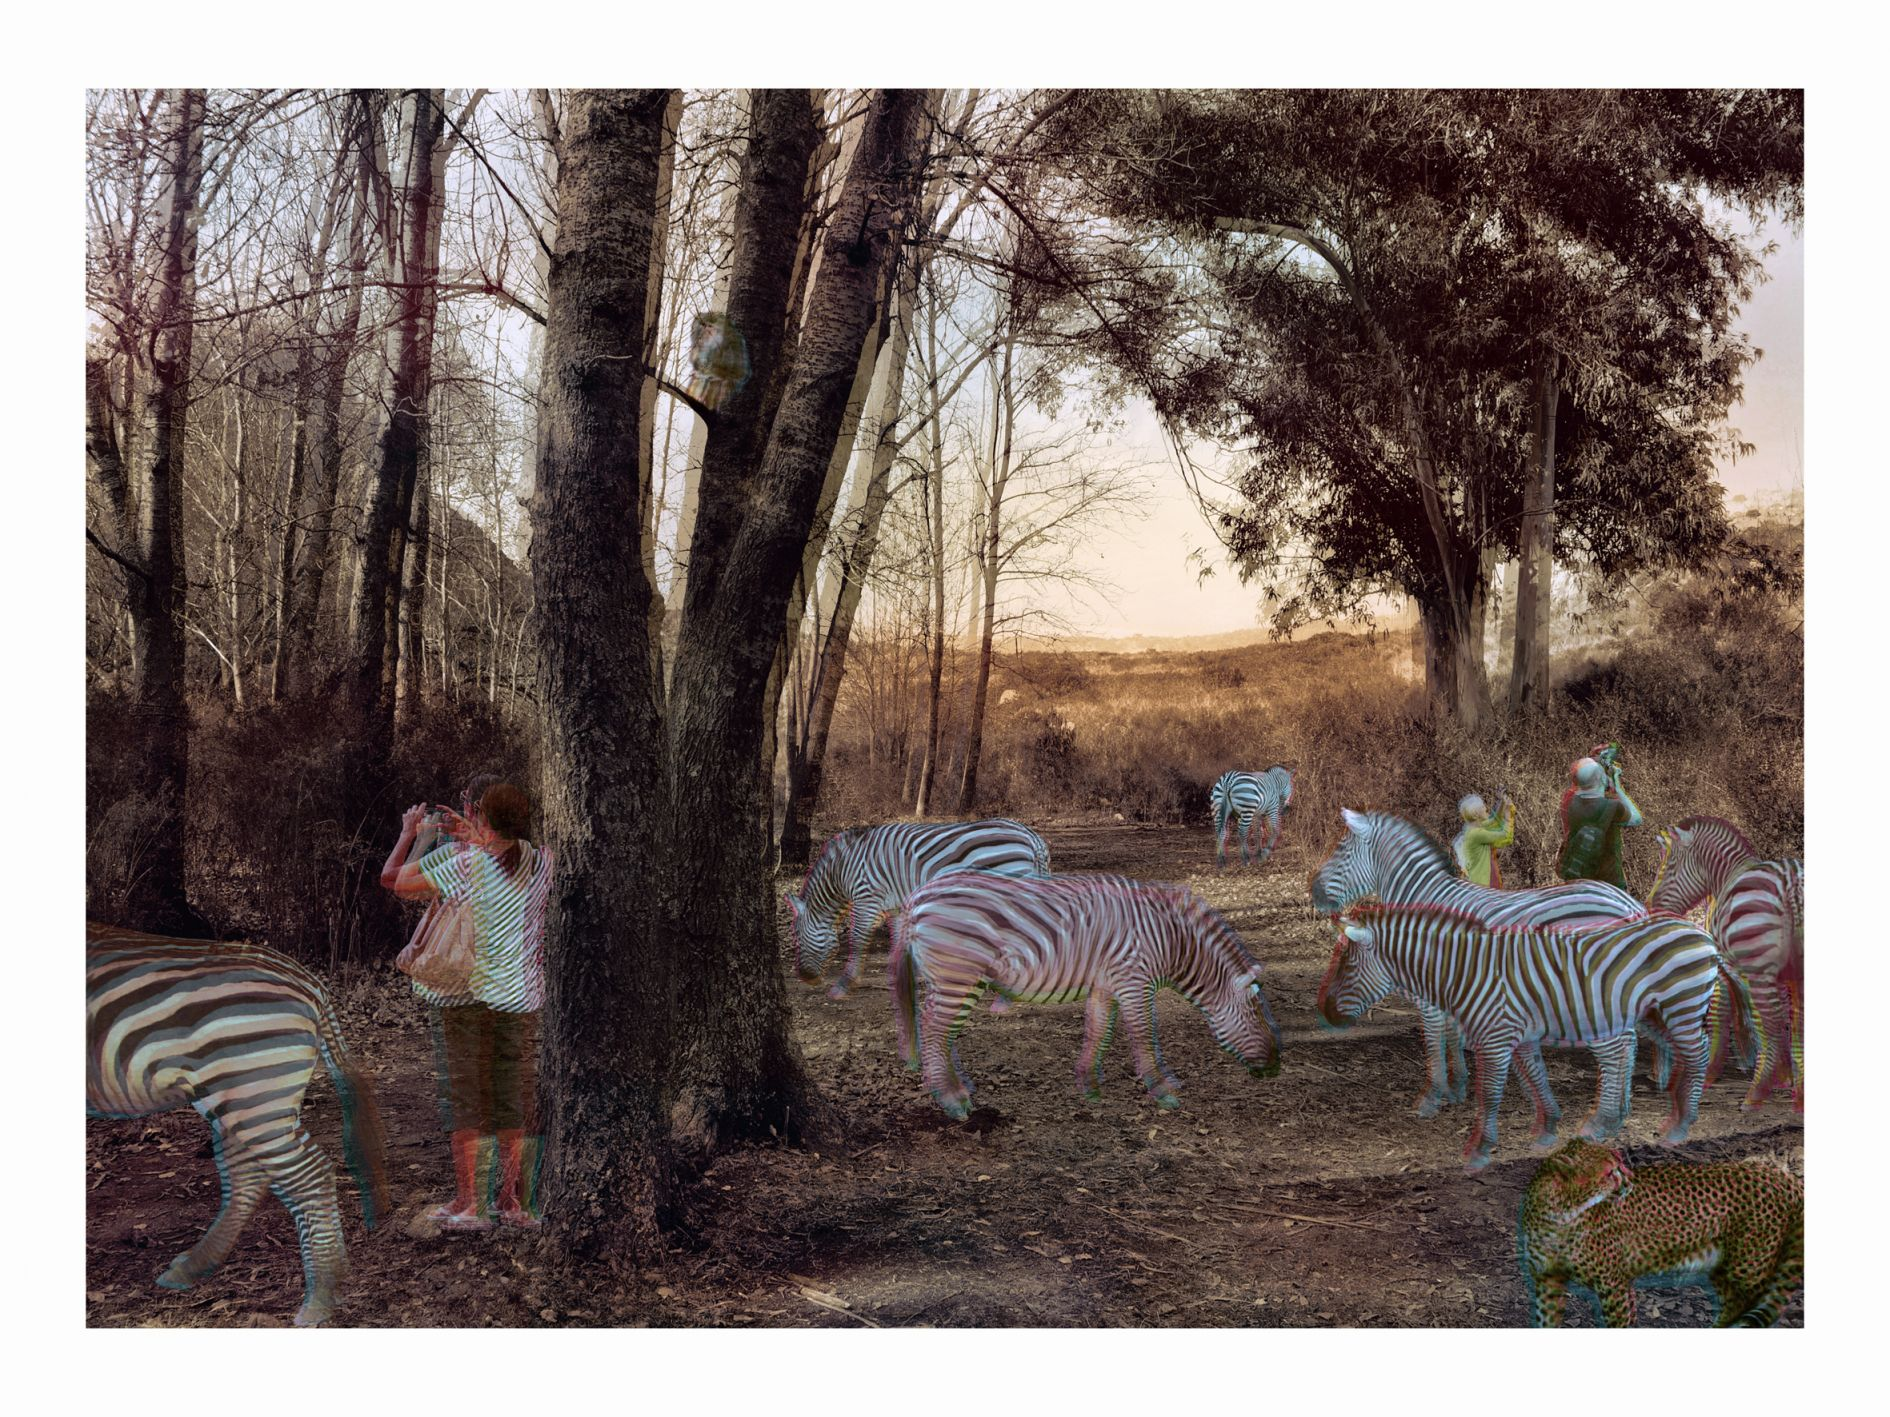 El Recuerdo de las Cebras ( De la Serie El Recuerdo de los Animales ) (2011) - Javier Mazzeo